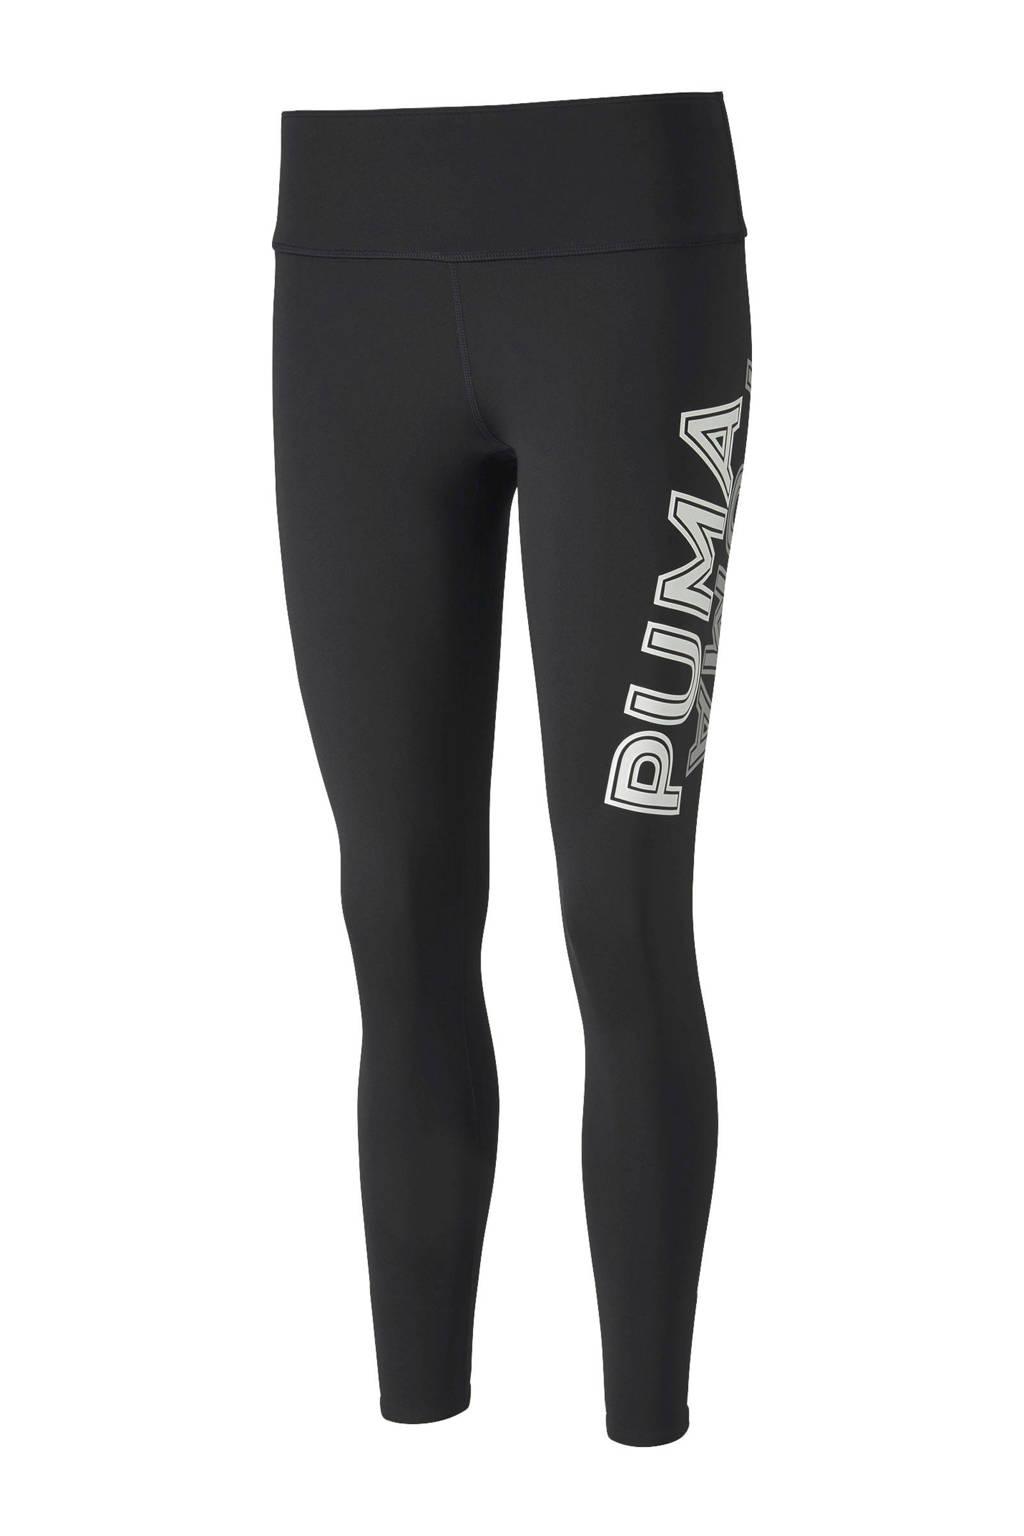 Puma legging zwart/wit, Zwart/wit